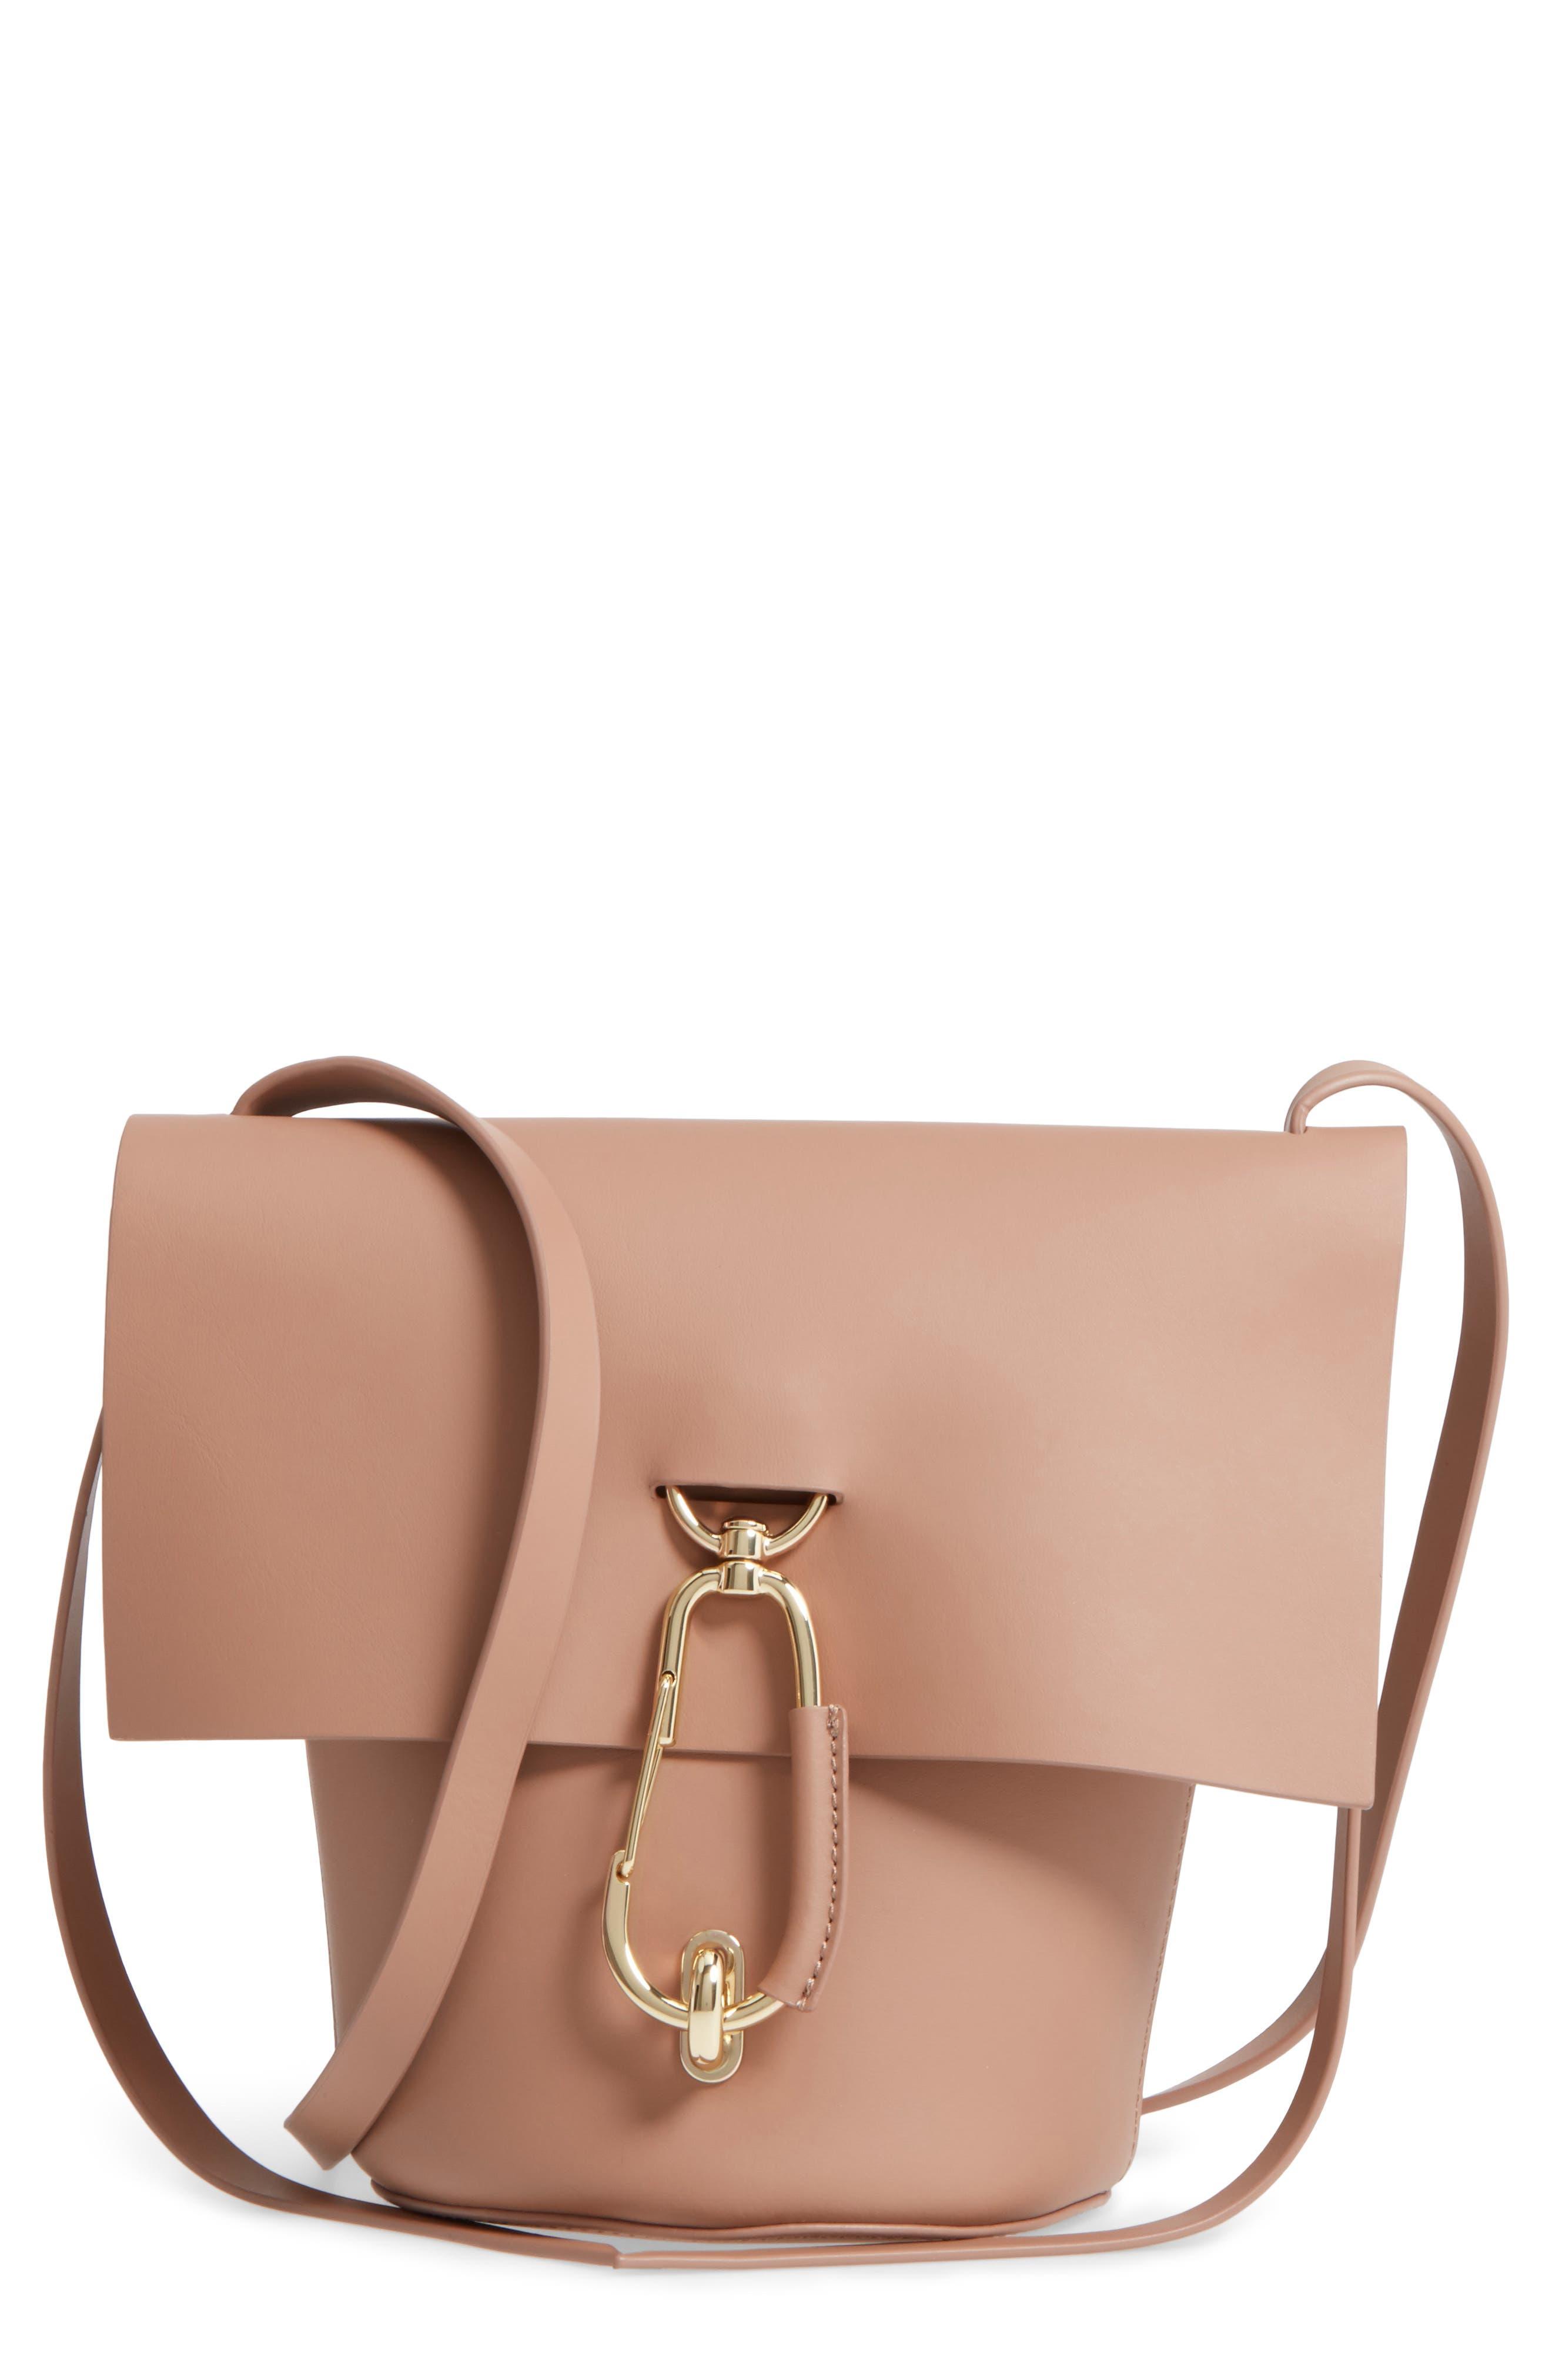 Main Image - ZAC Zac Posen Belay Leather Crossbody Bucket Bag